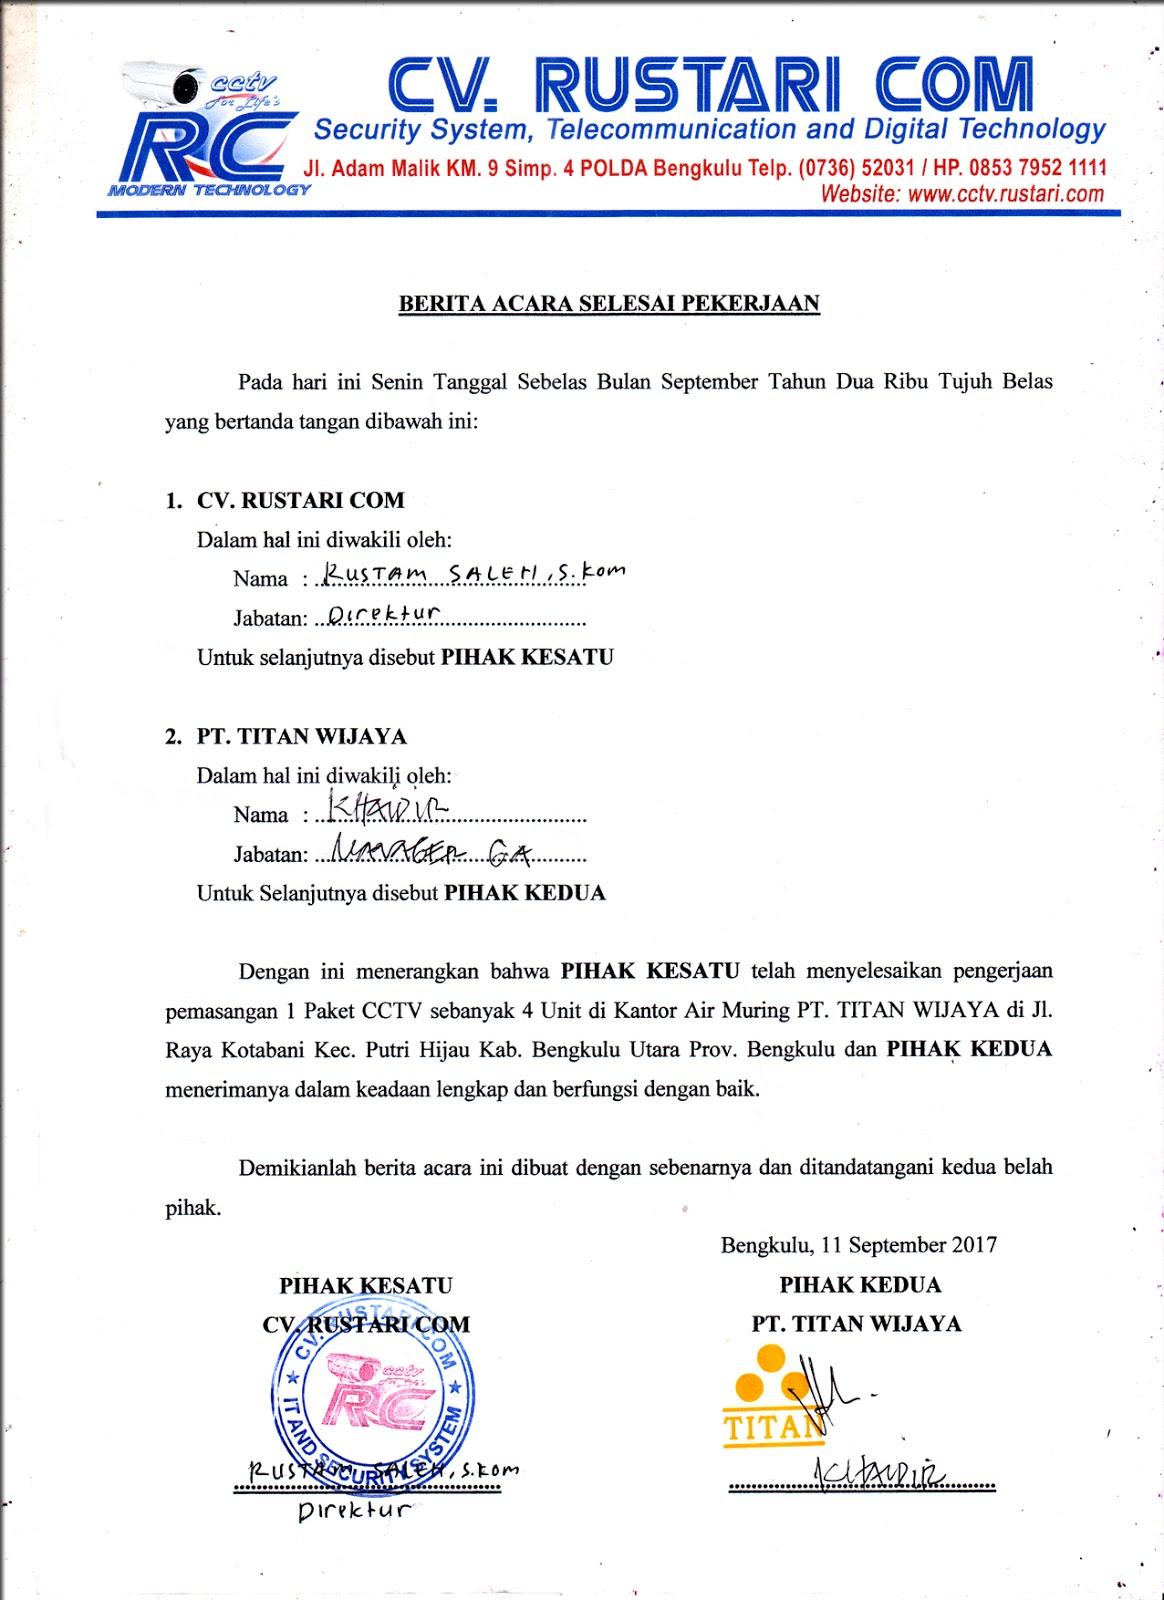 Contoh Berita Acara Serah Terima Barang Dan Jasa 2017 Kumpulan